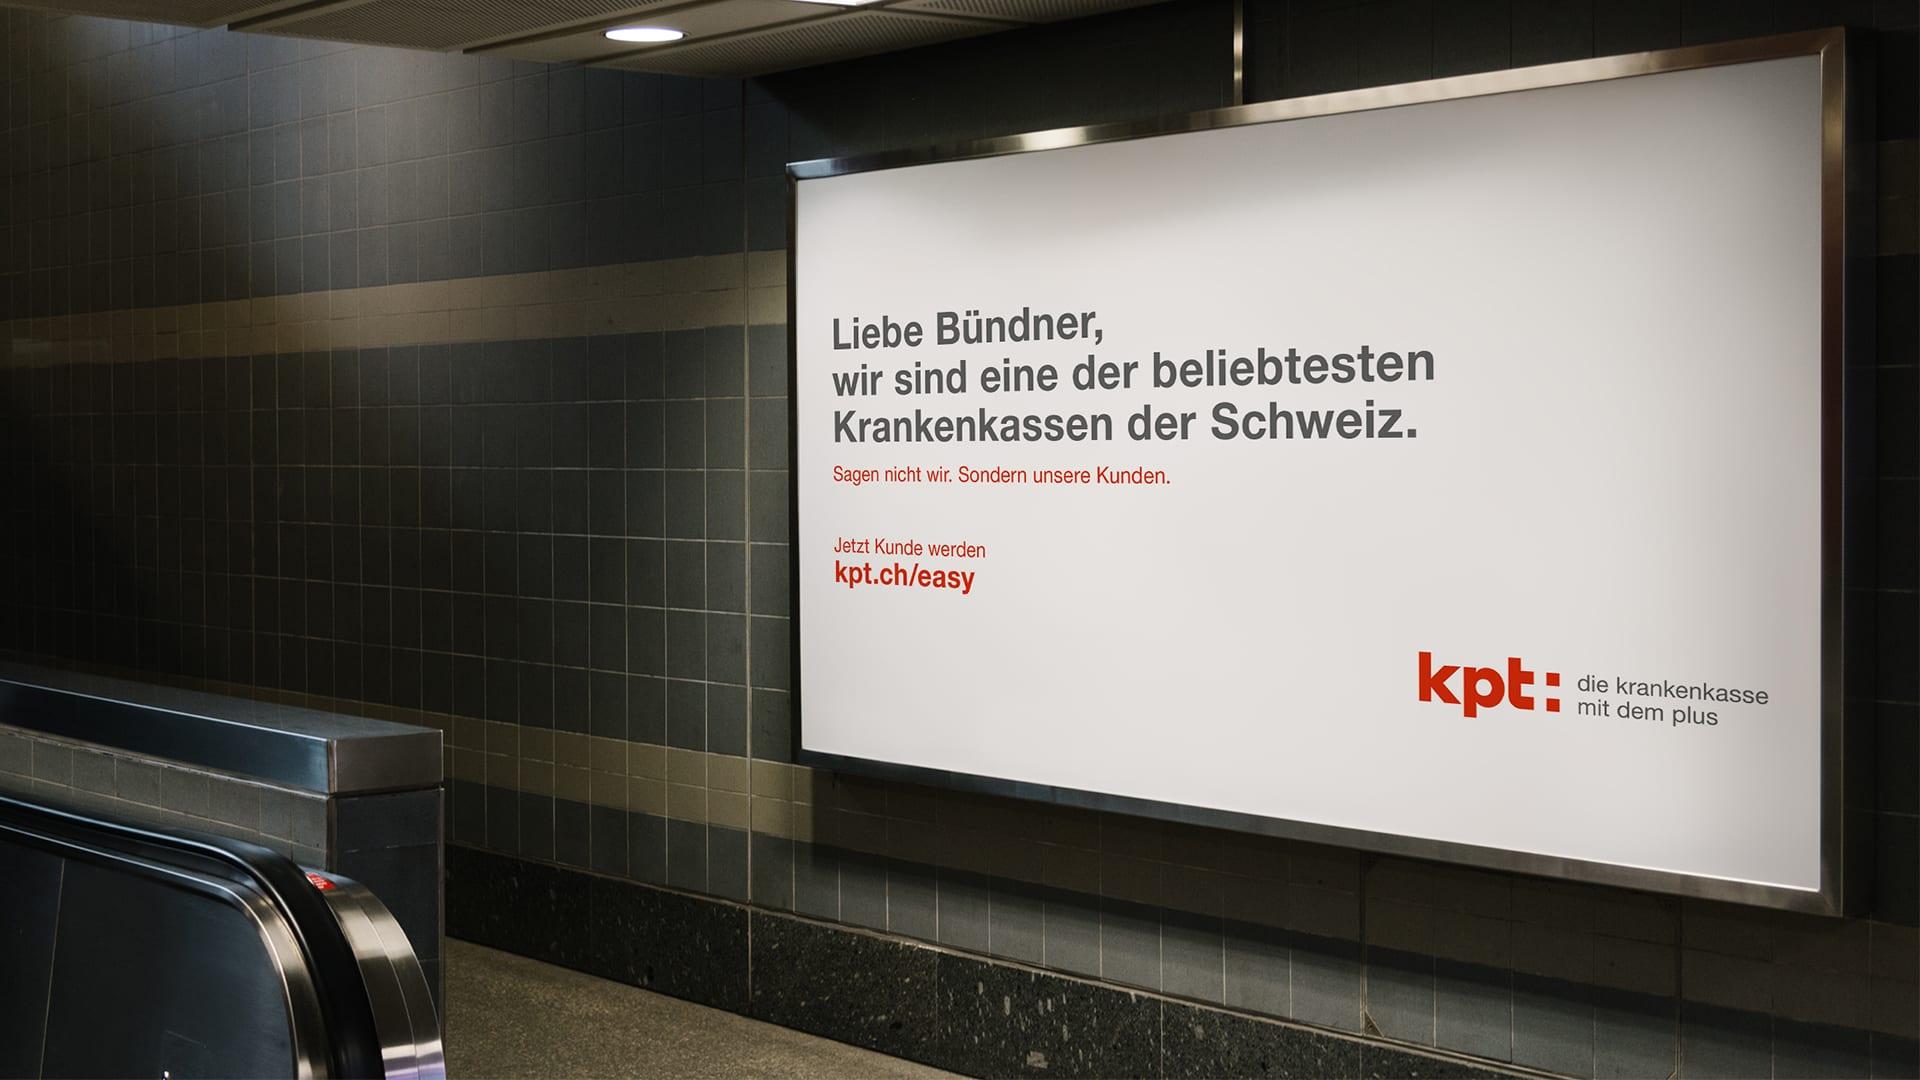 Neue Kampagne für KPT.